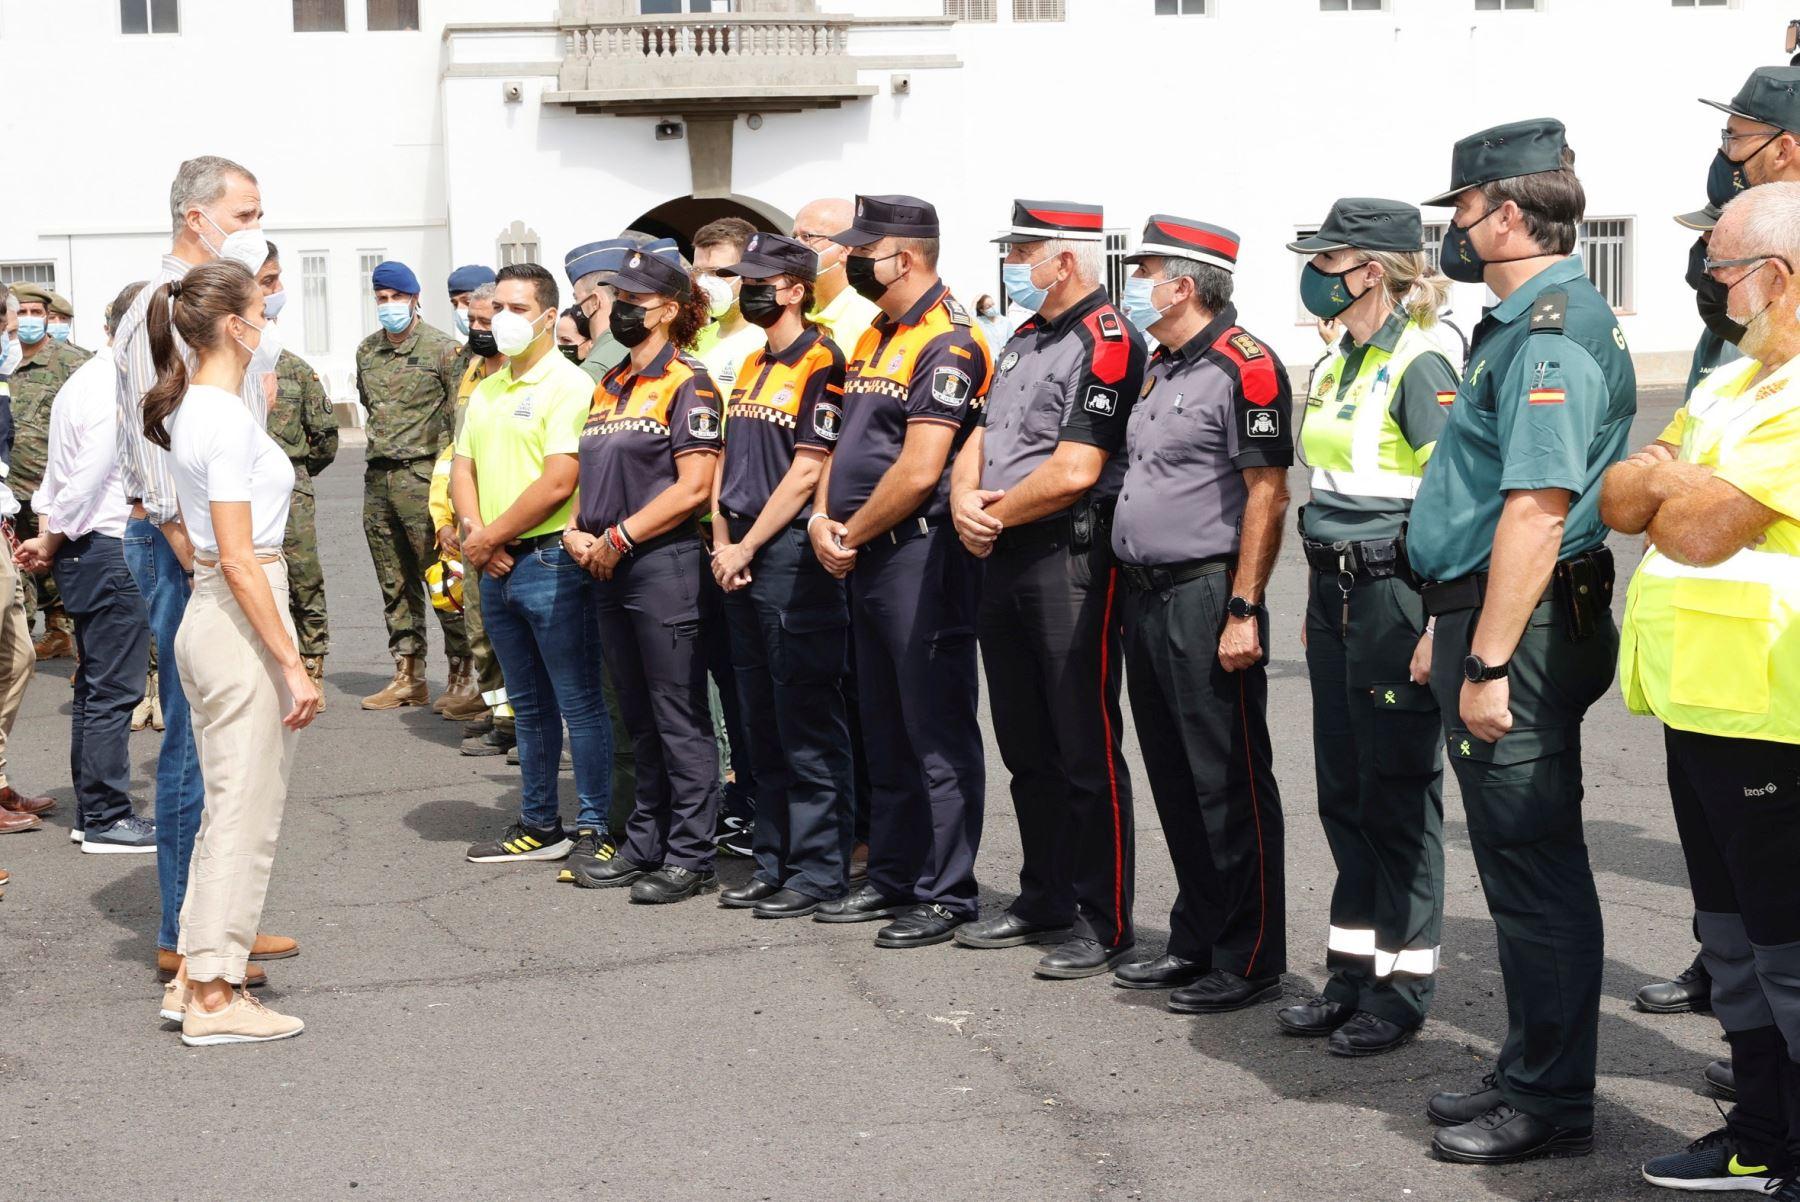 Los Reyes Felipe y Letizia saludan a su llegada al acuartelamiento de El Fuerte, en el que están alojadas las personas que fueron evacuadas de sus viviendas como consecuencia de la erupción de un volcán el La Palma.  Foto: EFE